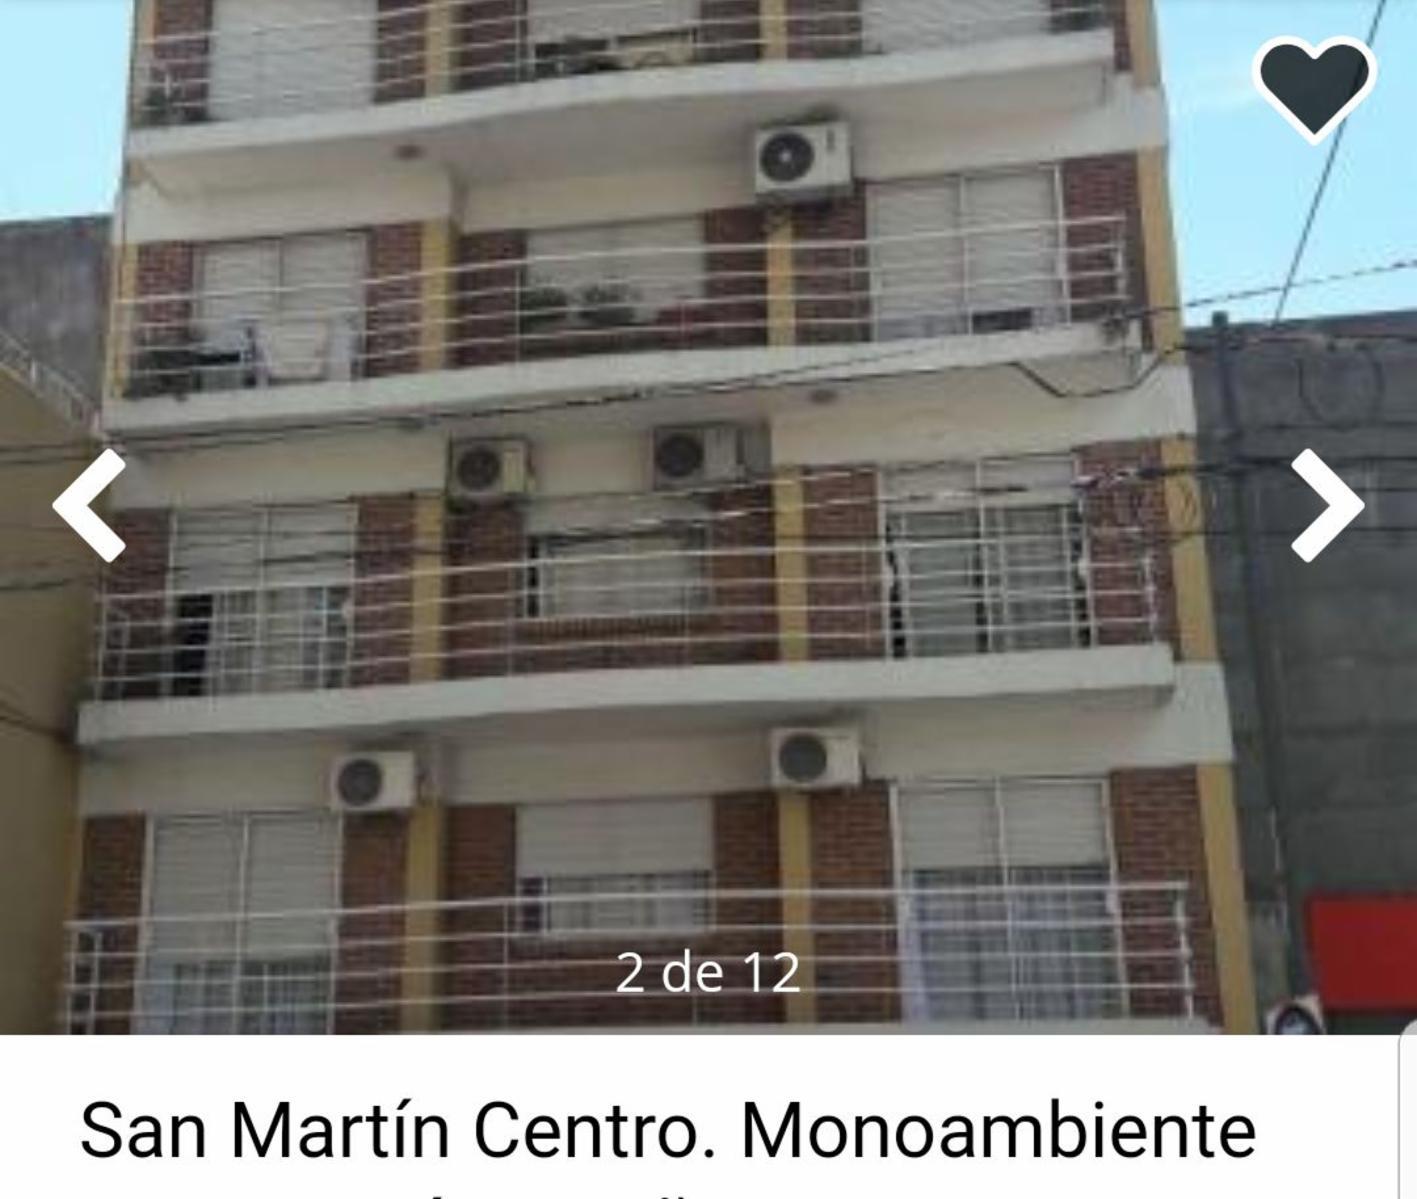 Venta de departamento en general san mart n goplaceit - Inmobiliaria sanmartin vigo ...